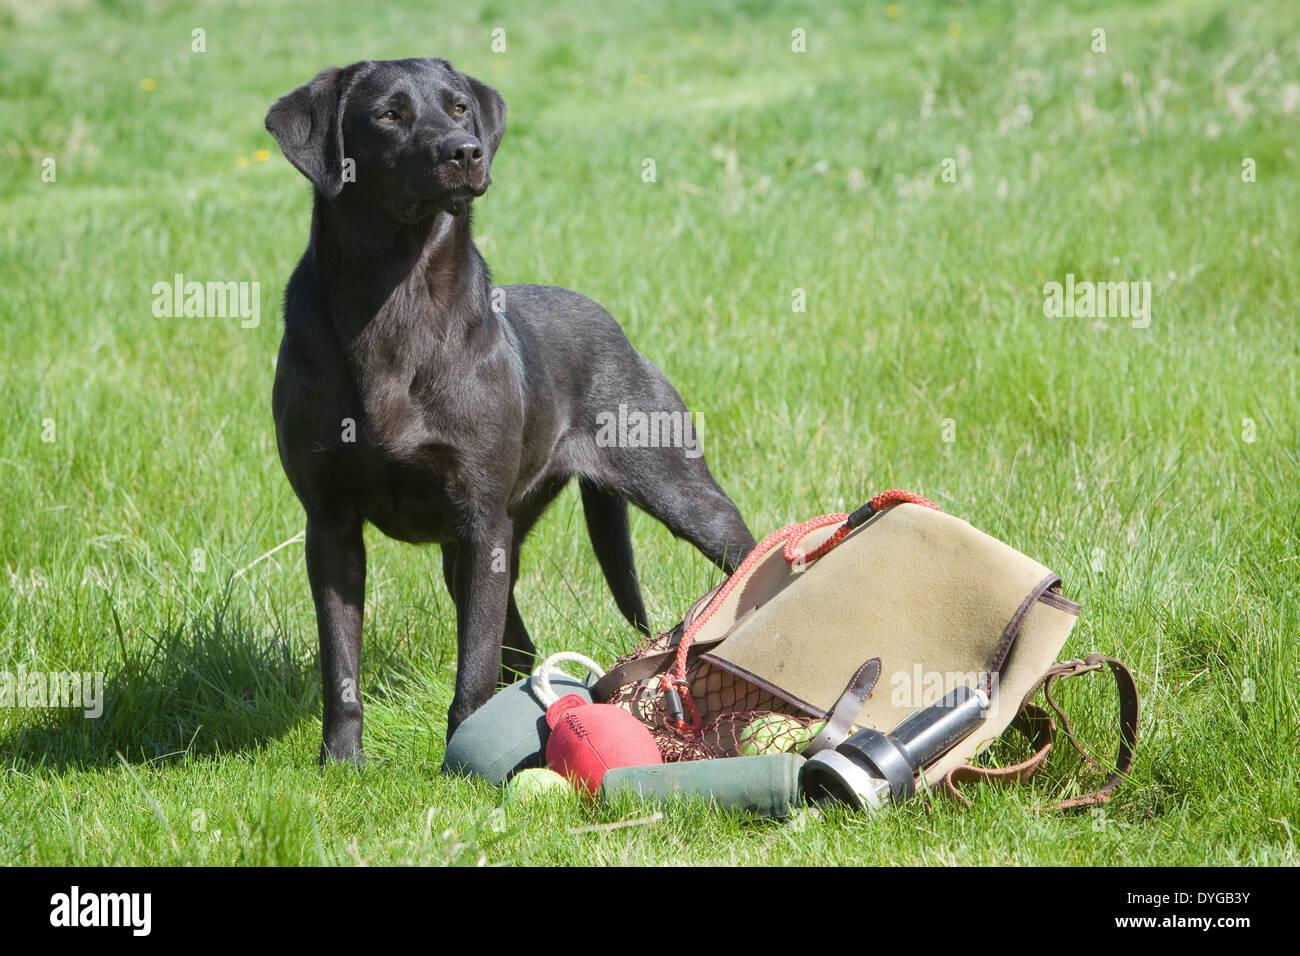 A Black Labrador Retriever Working Dog Photographed With A